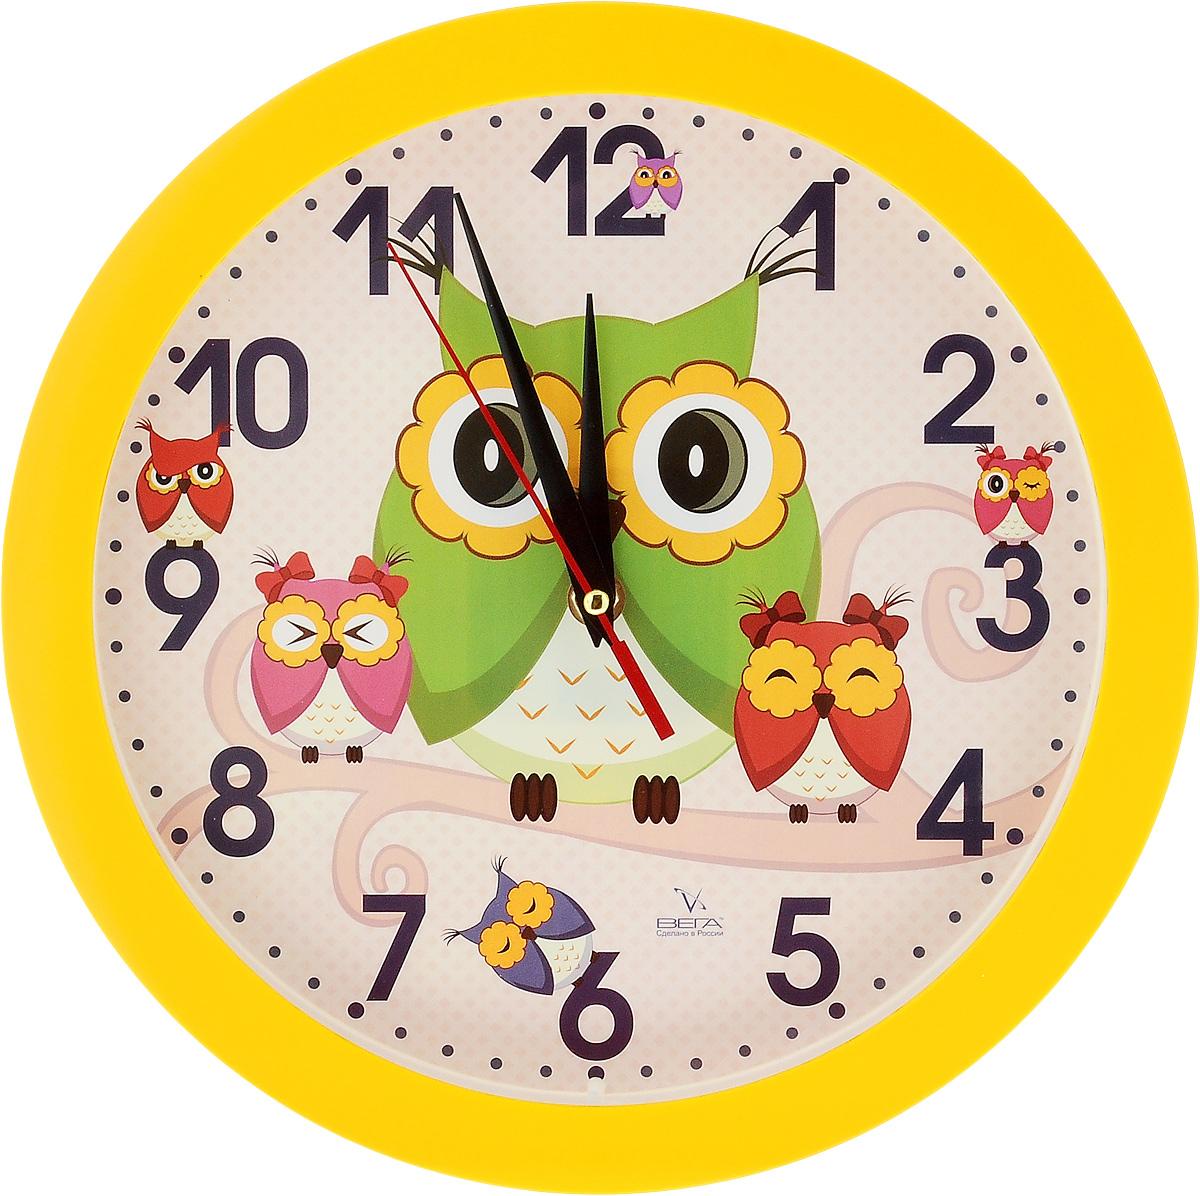 Часы настенные Вега Совы, диаметр 28,5 смП1-1/7-273Настенные кварцевые часы Вега Совы, изготовленные из пластика, прекрасно впишутся в интерьер вашего дома. Часы имеют три стрелки: часовую, минутную и секундную, циферблат защищен прозрачным стеклом. Часы работают от 1 батарейки типа АА напряжением 1,5 В (не входит в комплект).Диаметр часов: 28,5 см.